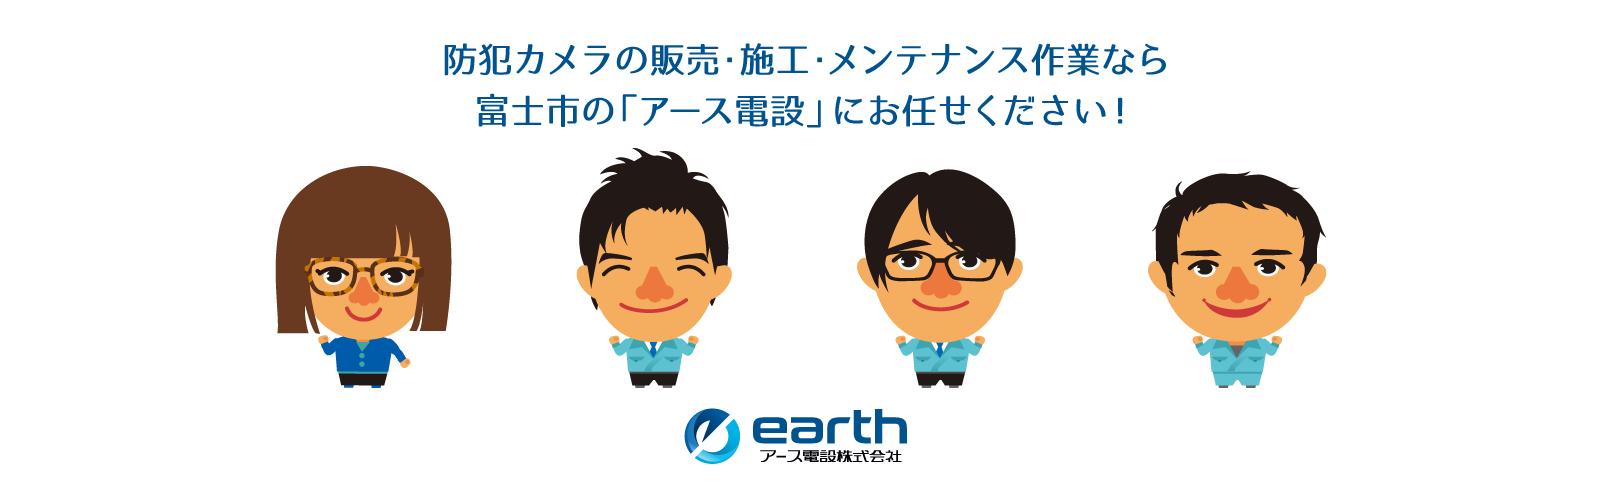 防犯カメラの販売・施工・メンテナンスは富士市のアース電設にお任せください